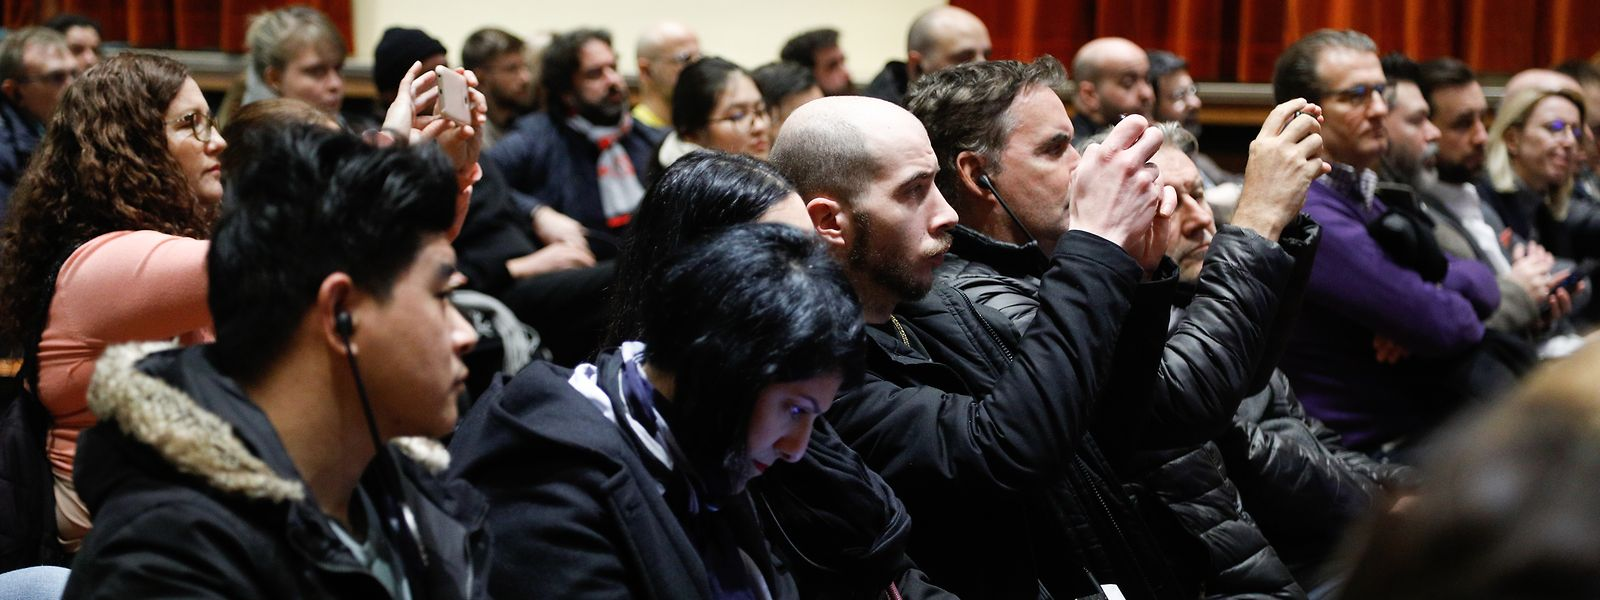 Die Informationsversammlung verdeutlichte, dass mittlerweile viele von der Trambaustelle betroffene Geschäftsleute auf dem Zahnfleisch gehen.